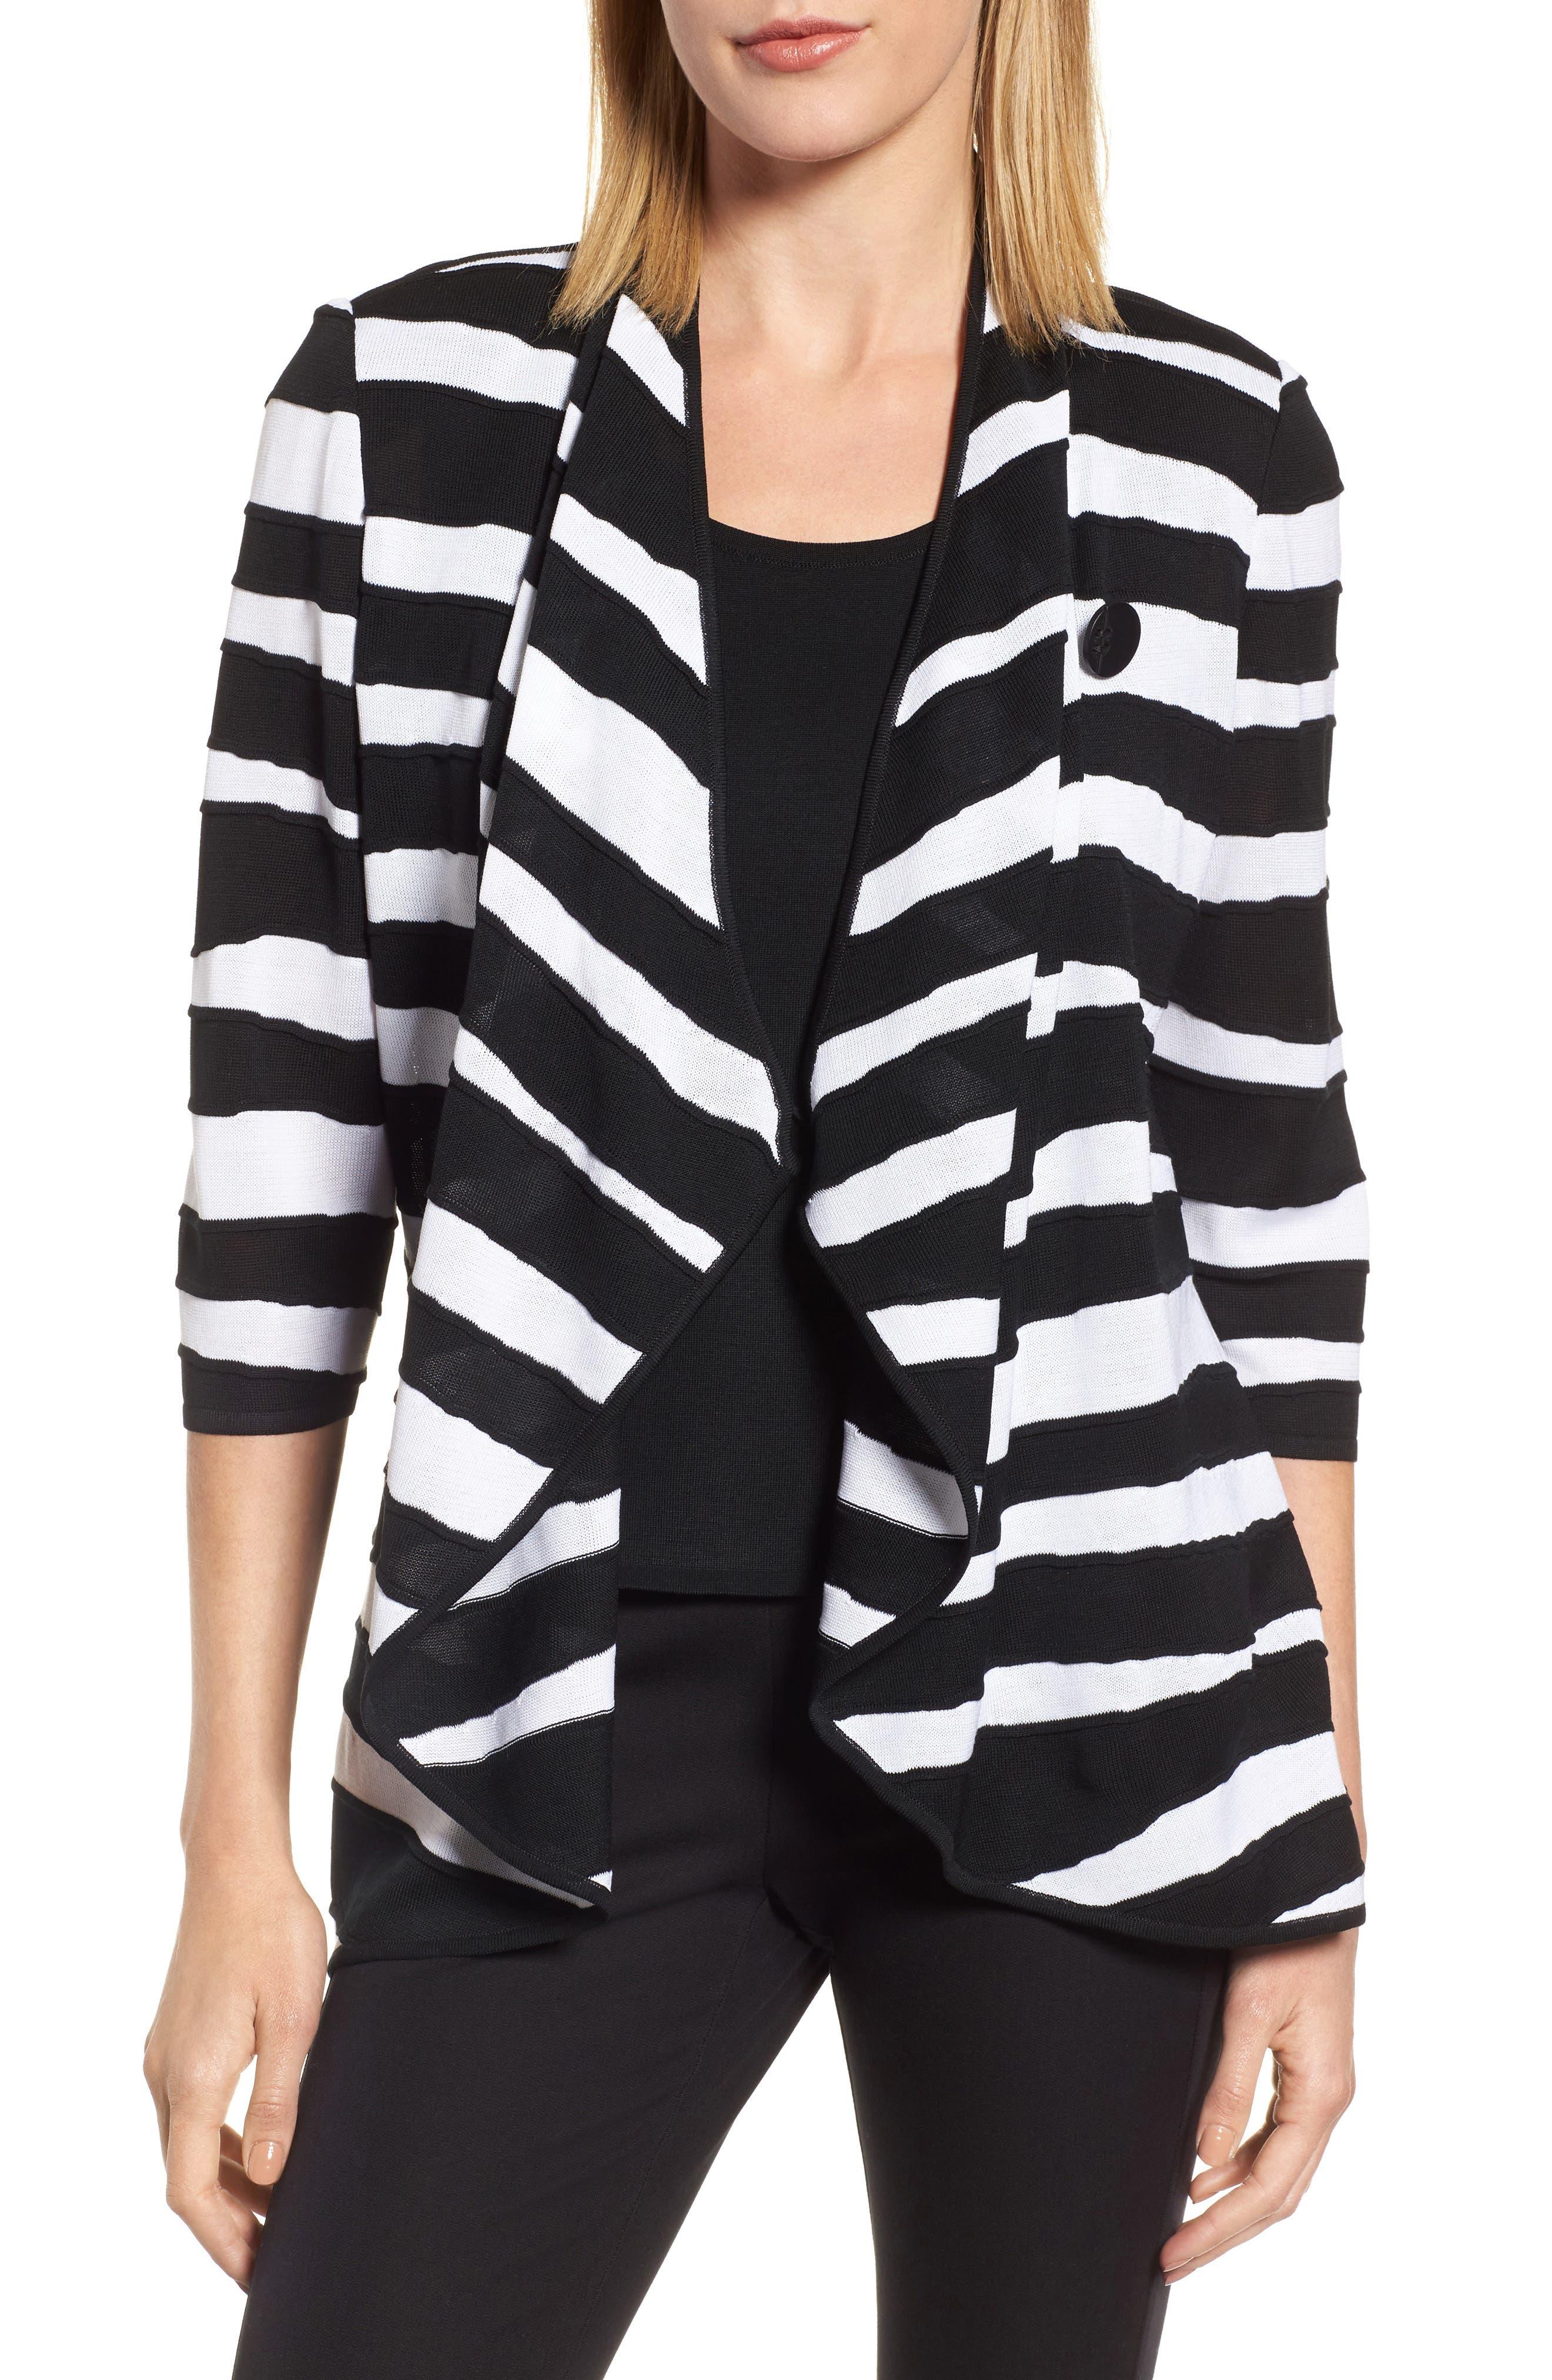 Animal Jacquard Knit Jacket,                             Main thumbnail 1, color,                             Black/ White